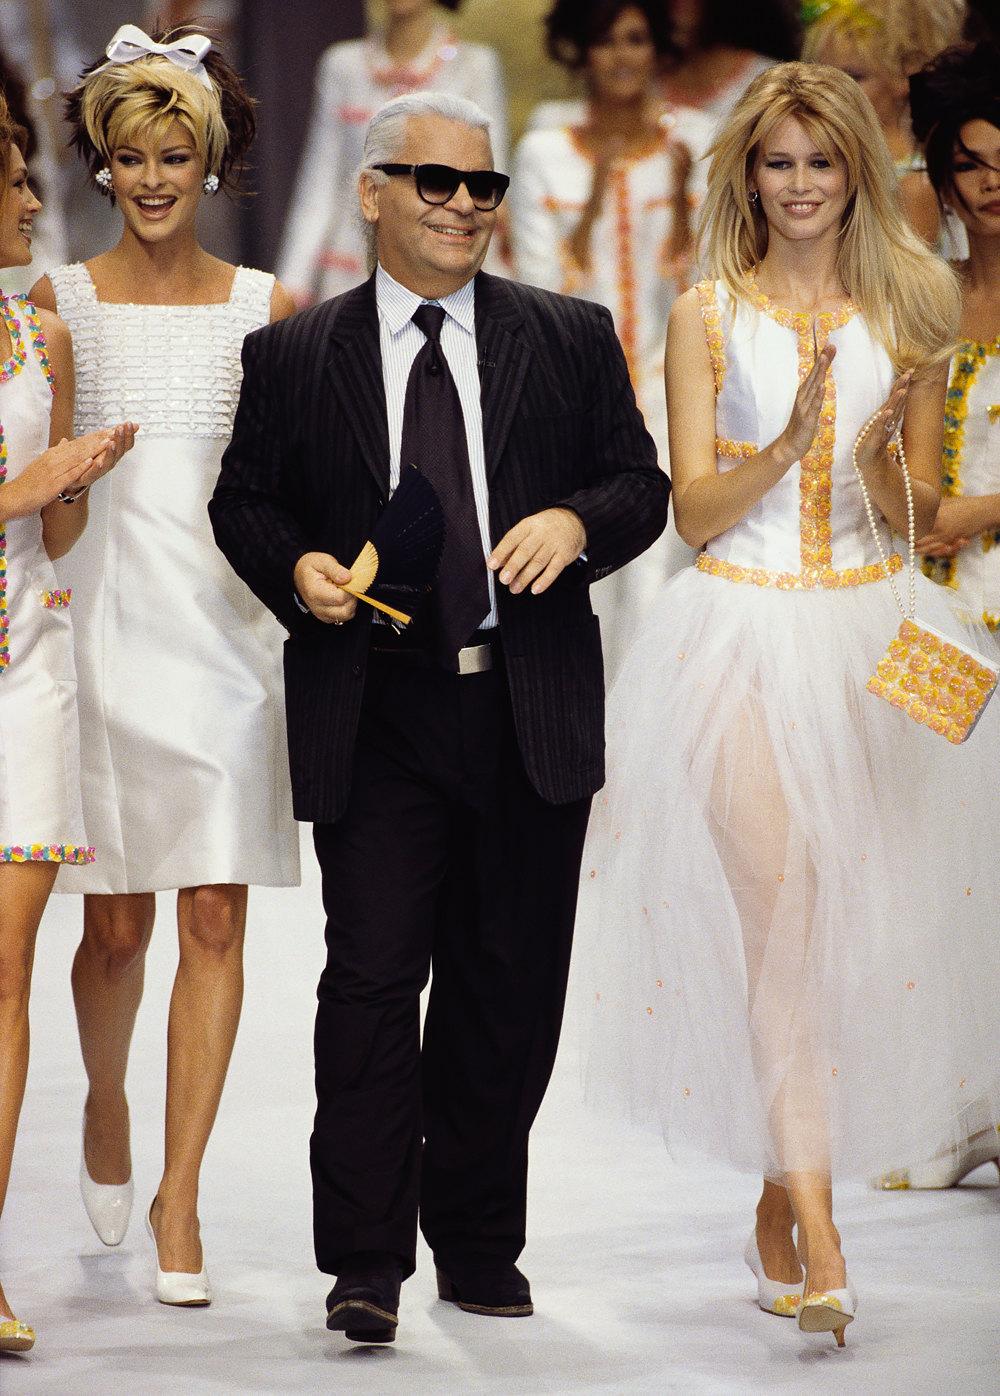 Карл Лагерфельд смоделями Линдой Евангелистой иКлаудией Шиффер напоказе Chanel весна-лето 1996